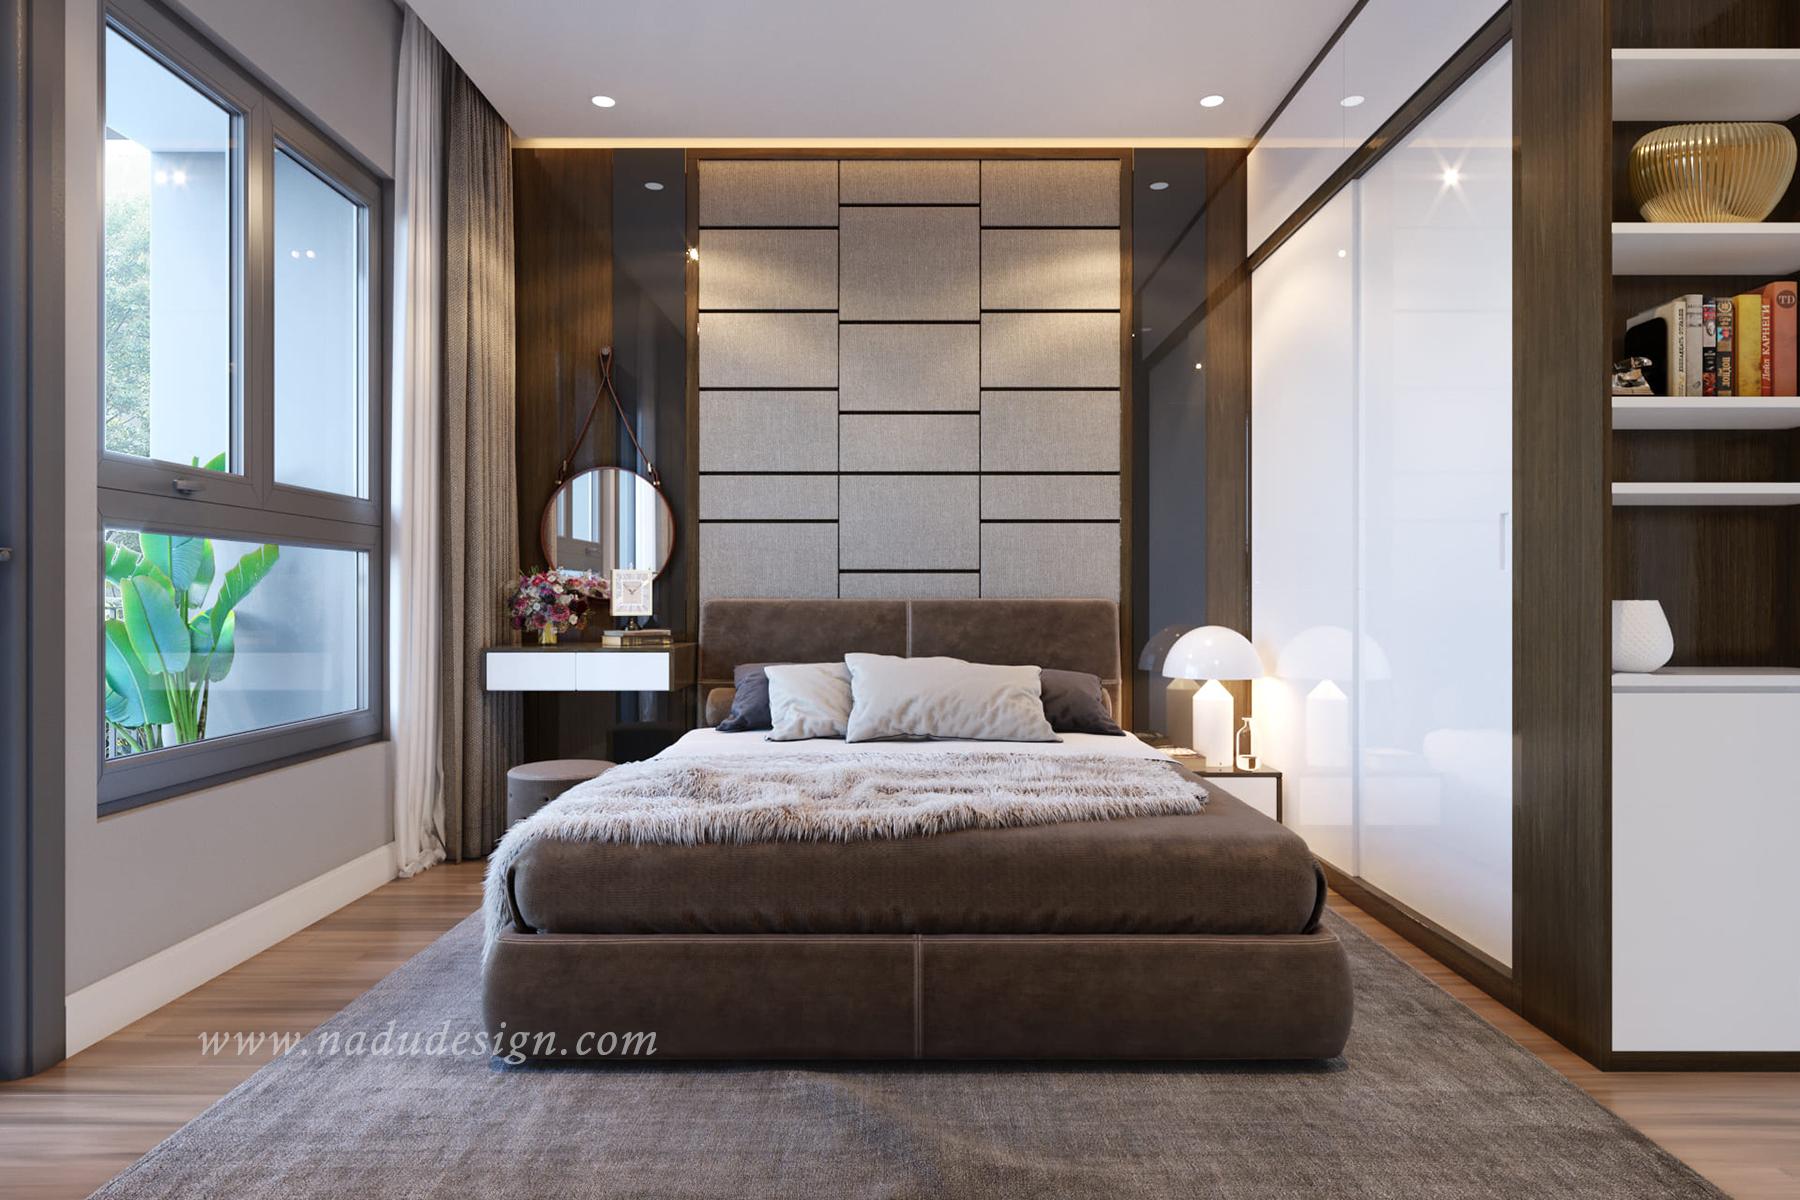 thiết kế thi công nội thất chung cư cao cấp trọn gói